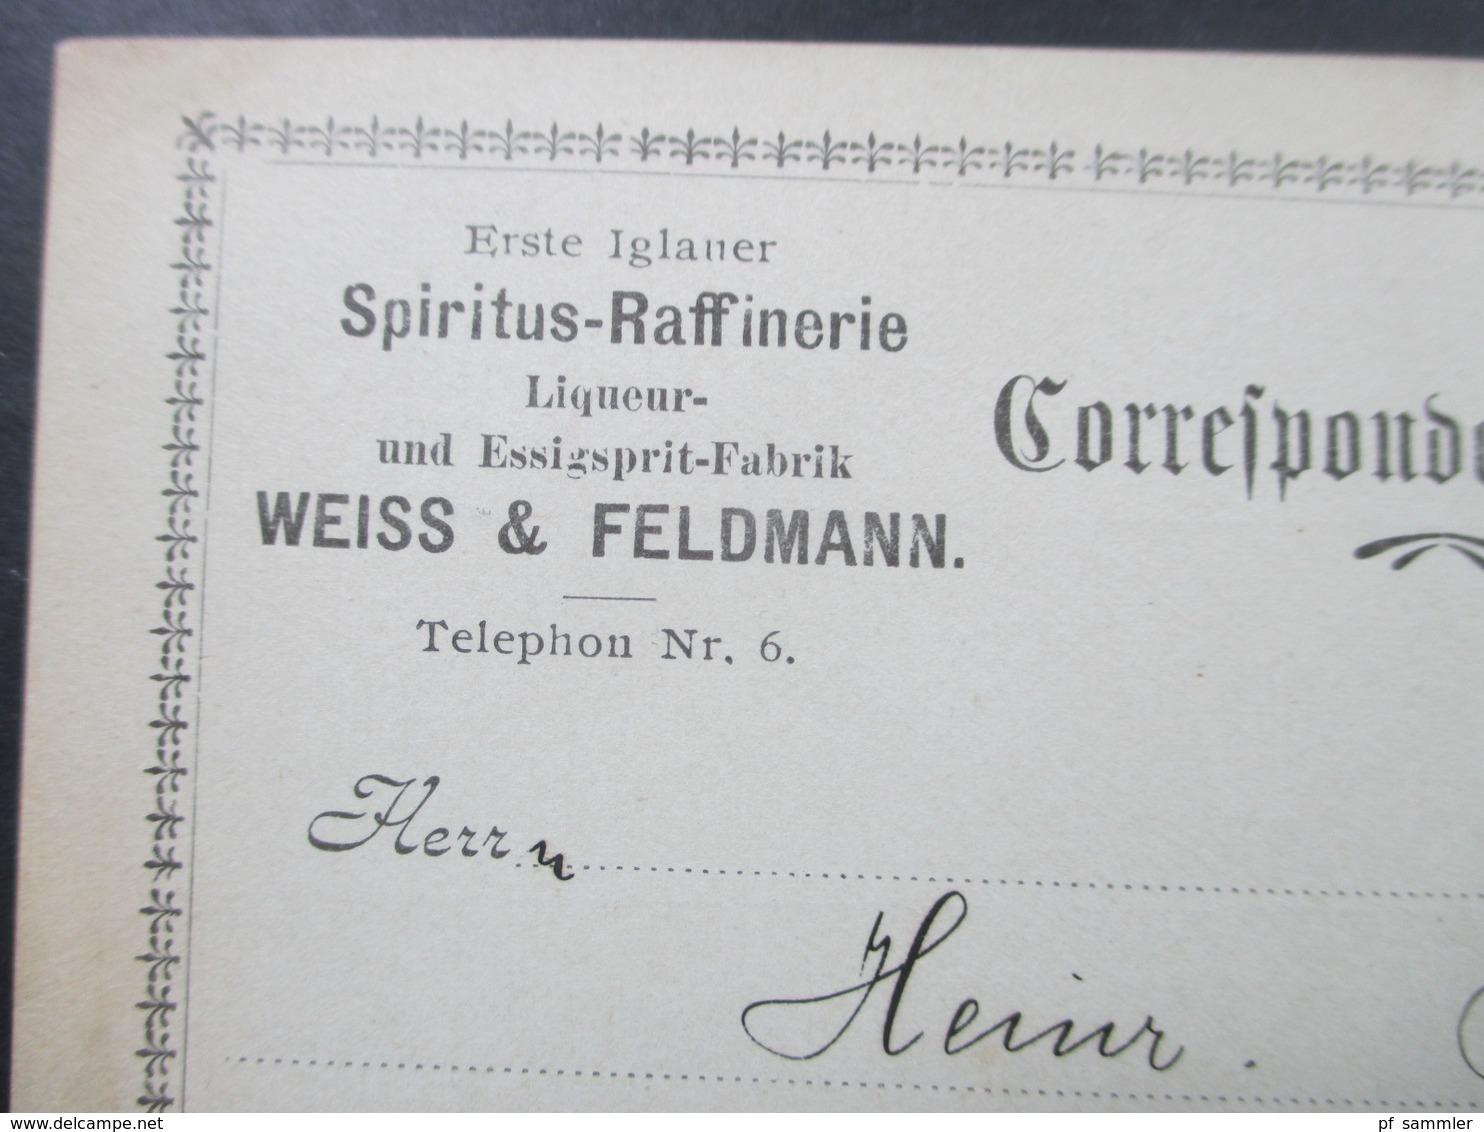 Österreich 1907 Postkarte Erste Iglauer Spiritus Raffinerie Liqueur Und Essigsprit Fabrik Weiss & Feldmann - 1850-1918 Imperium